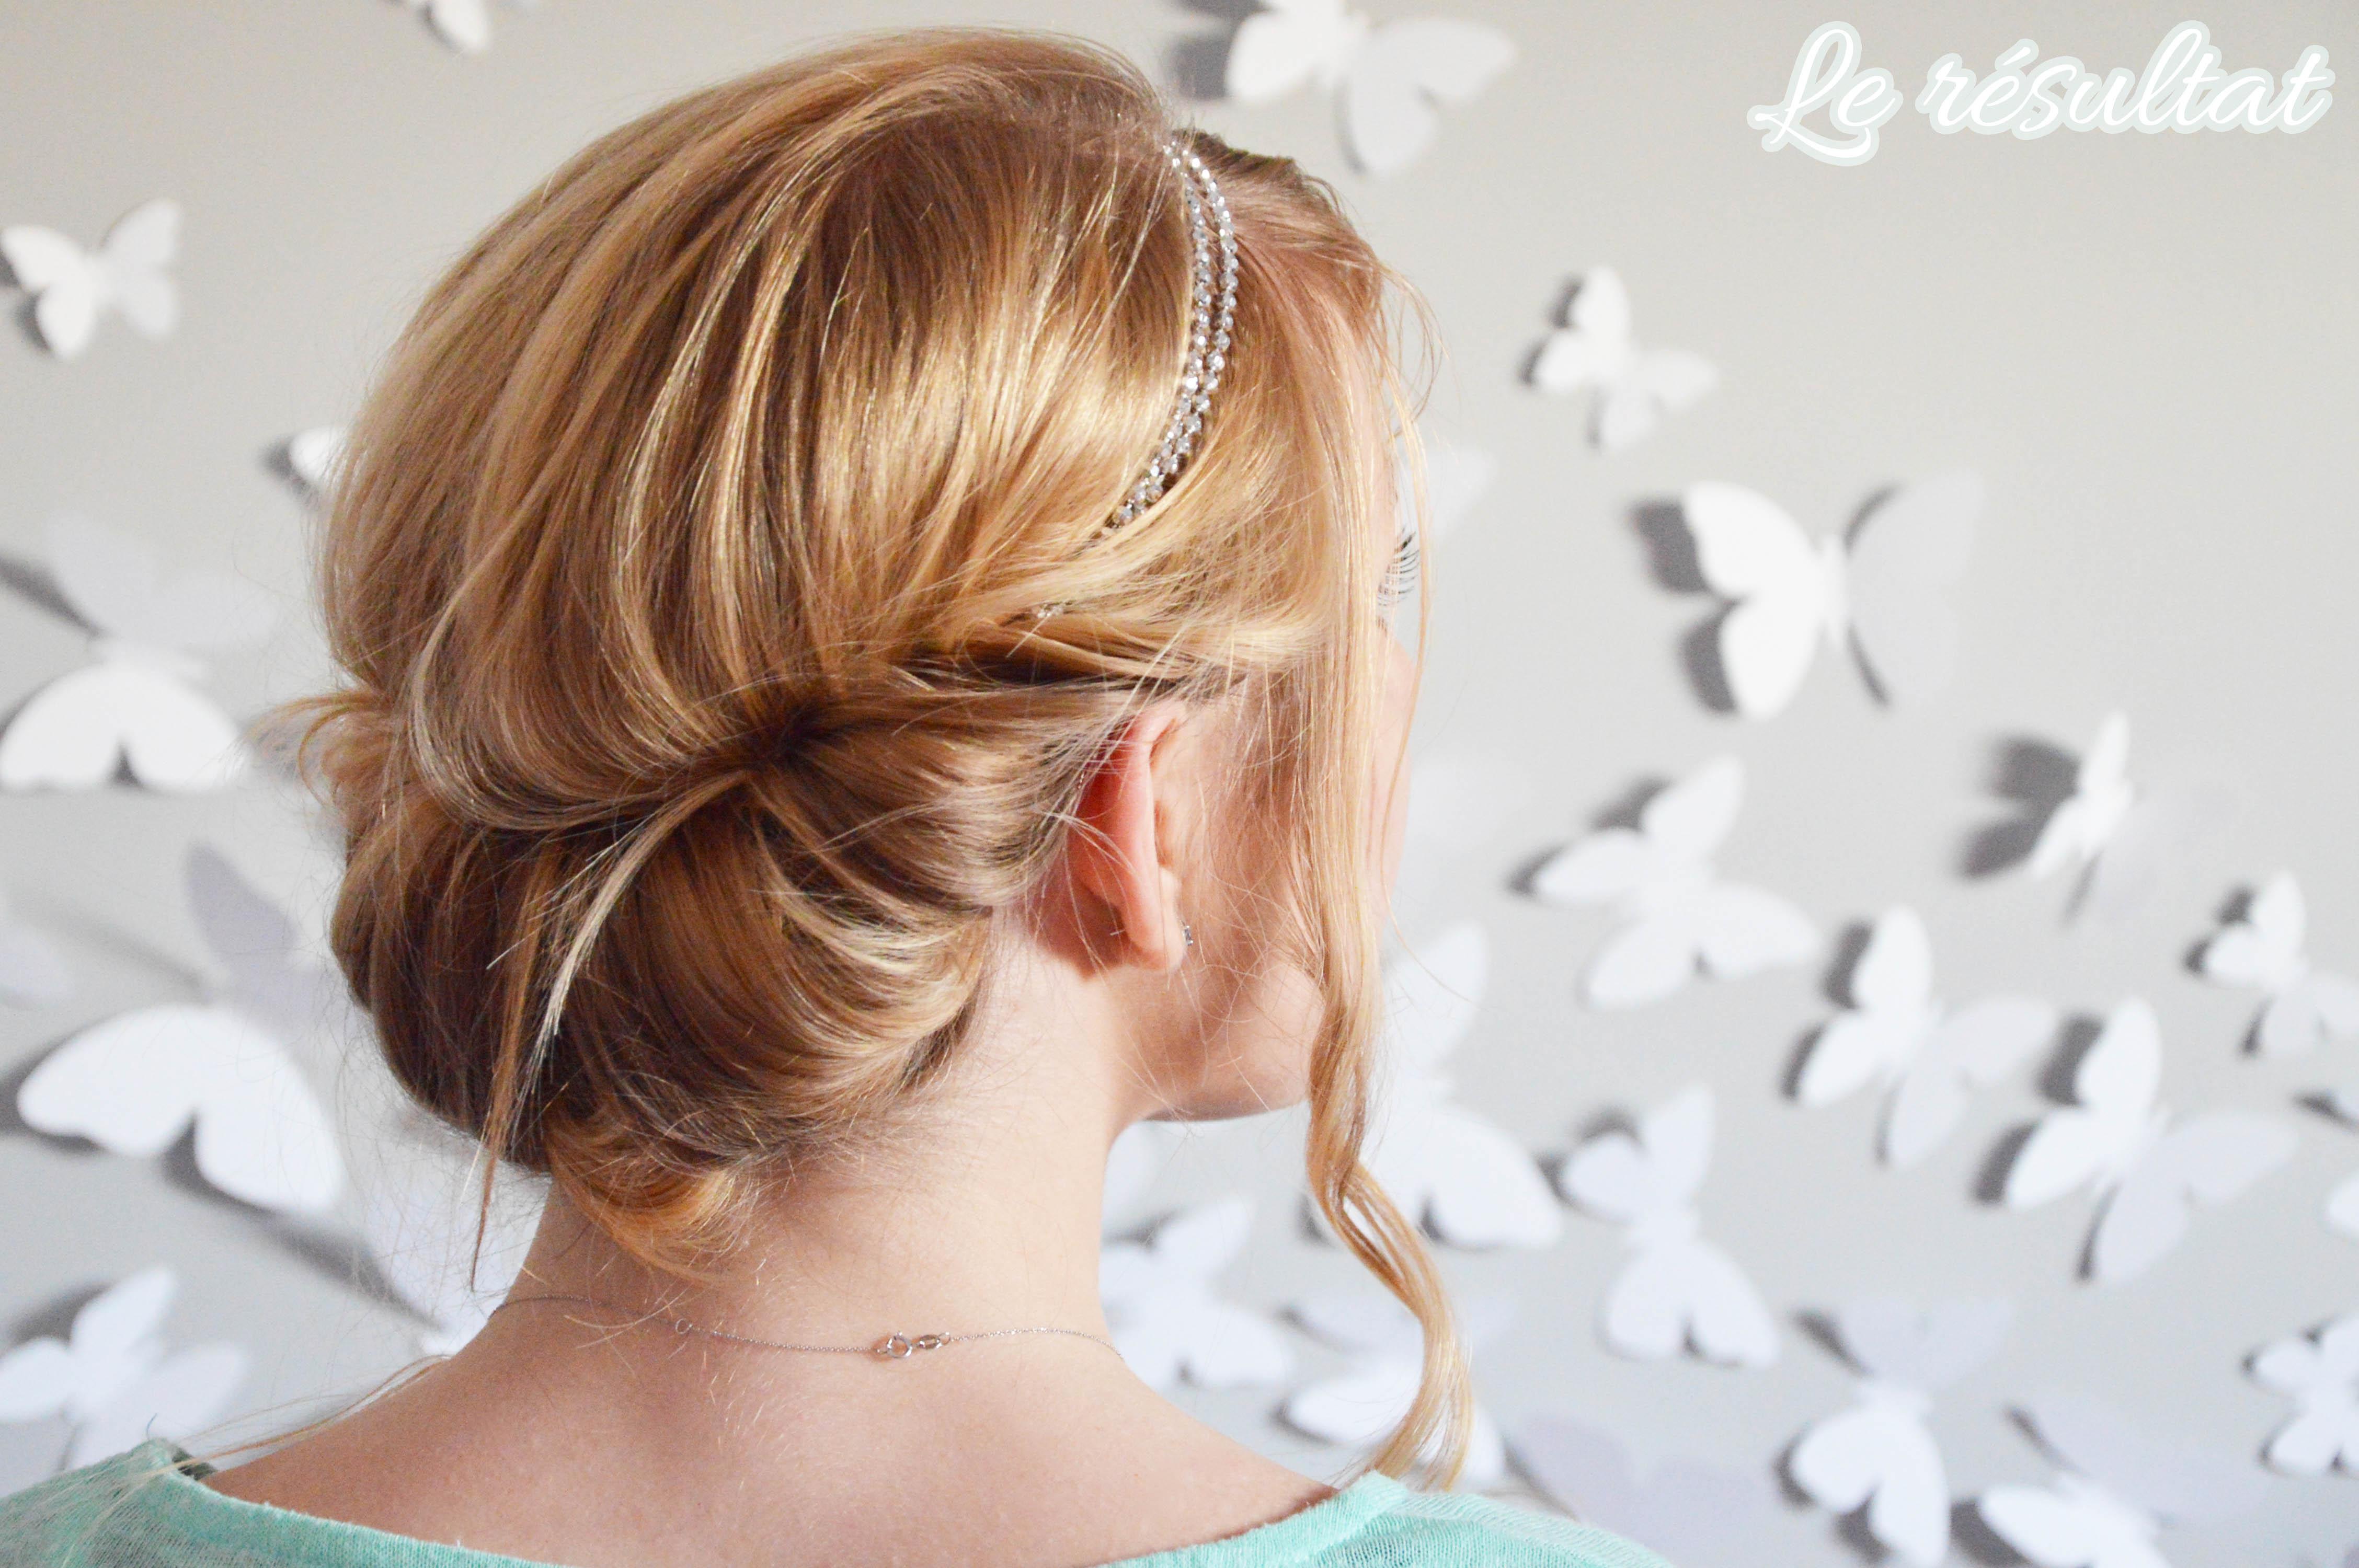 Salon de coiffure a vendre paris salon de coiffure a for Salon de coiffure vannes